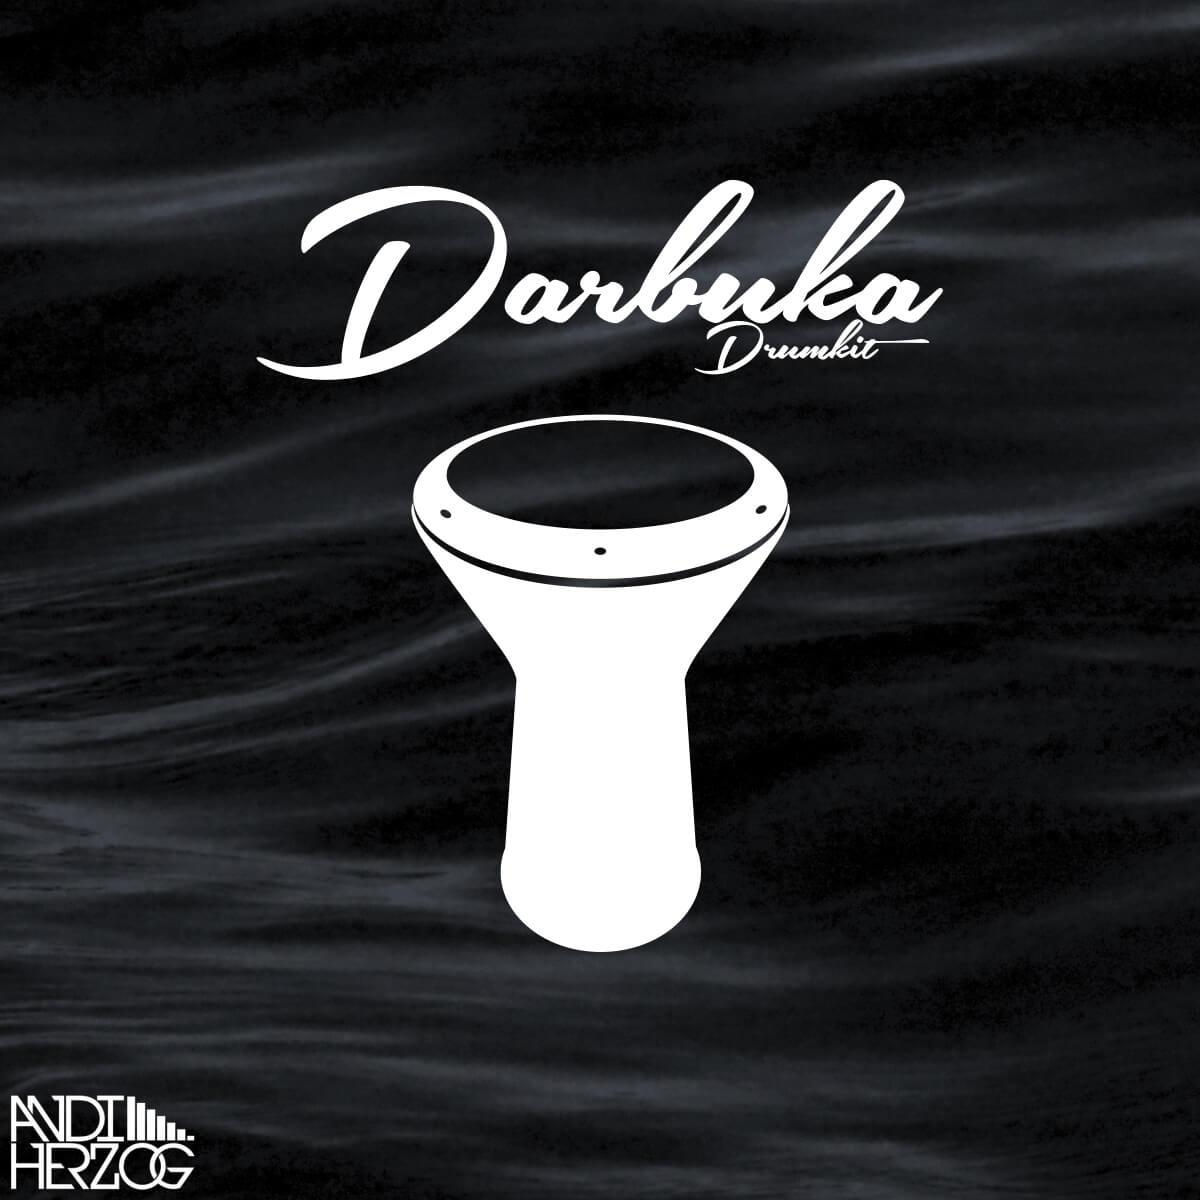 Darbuka Drumkit Download